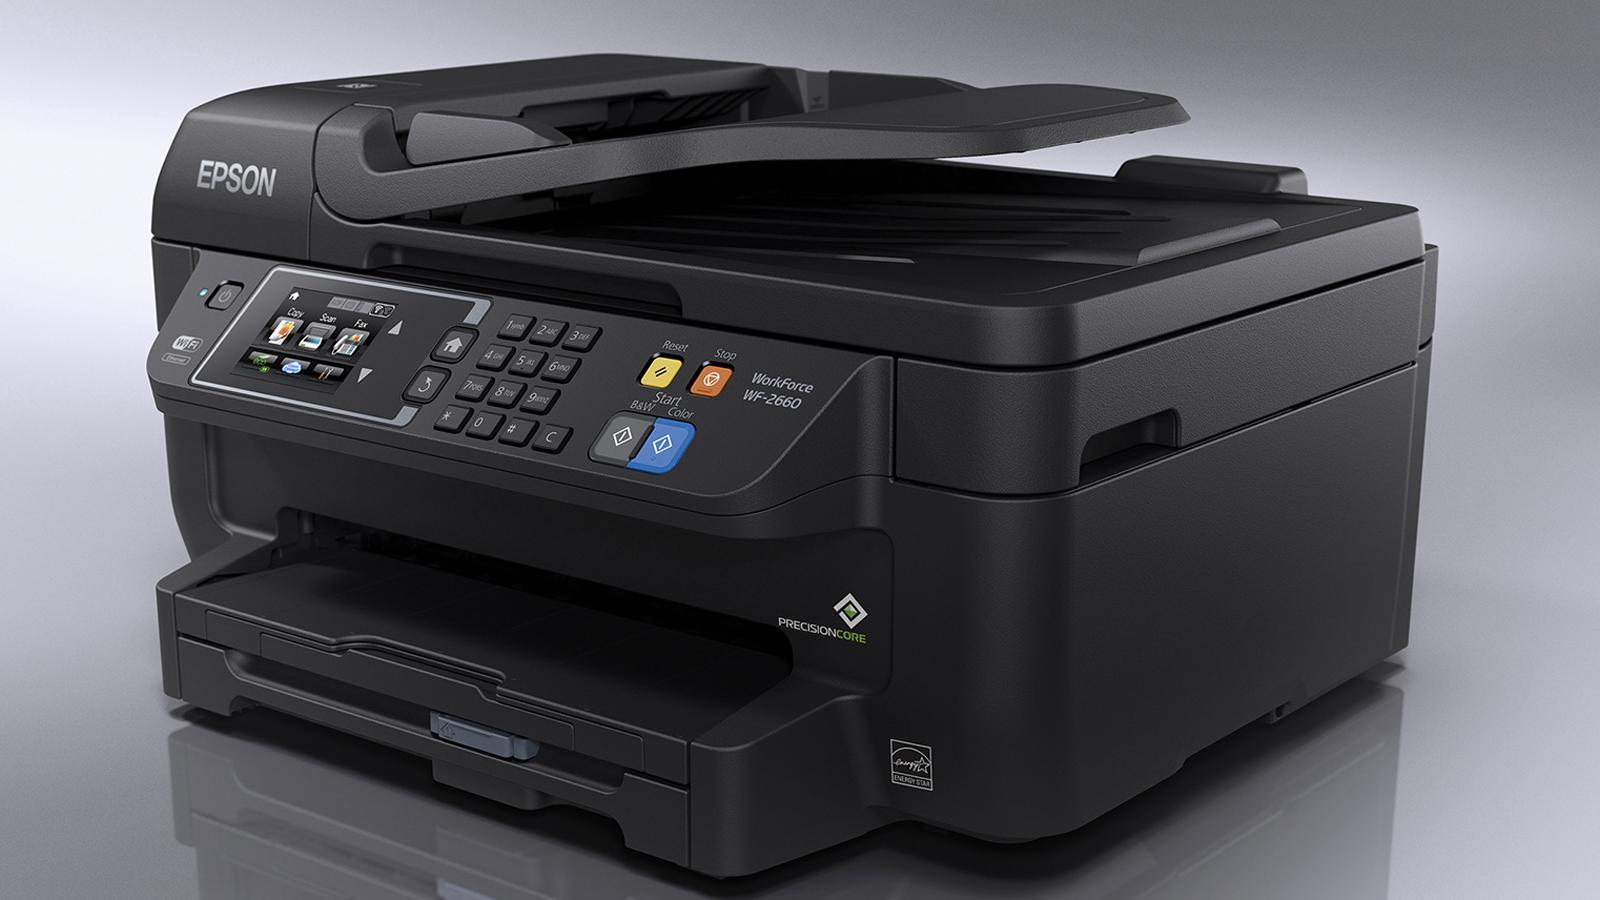 best printer 2017 15 top inkjet and laser printers. Black Bedroom Furniture Sets. Home Design Ideas